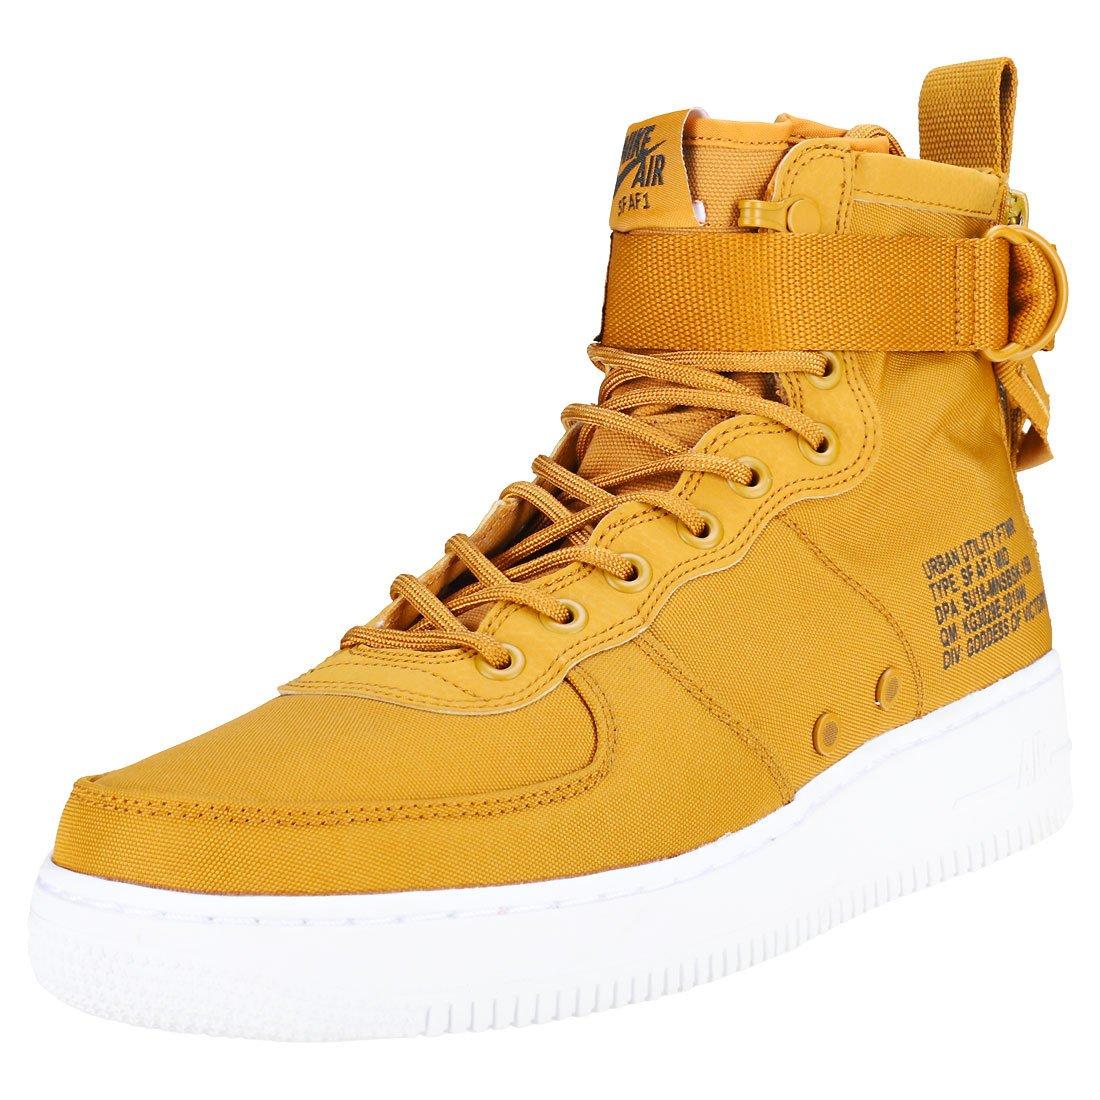 Nike Air Force 1 SF Mid 917753-700 917753-700  44.5 EU|Braun